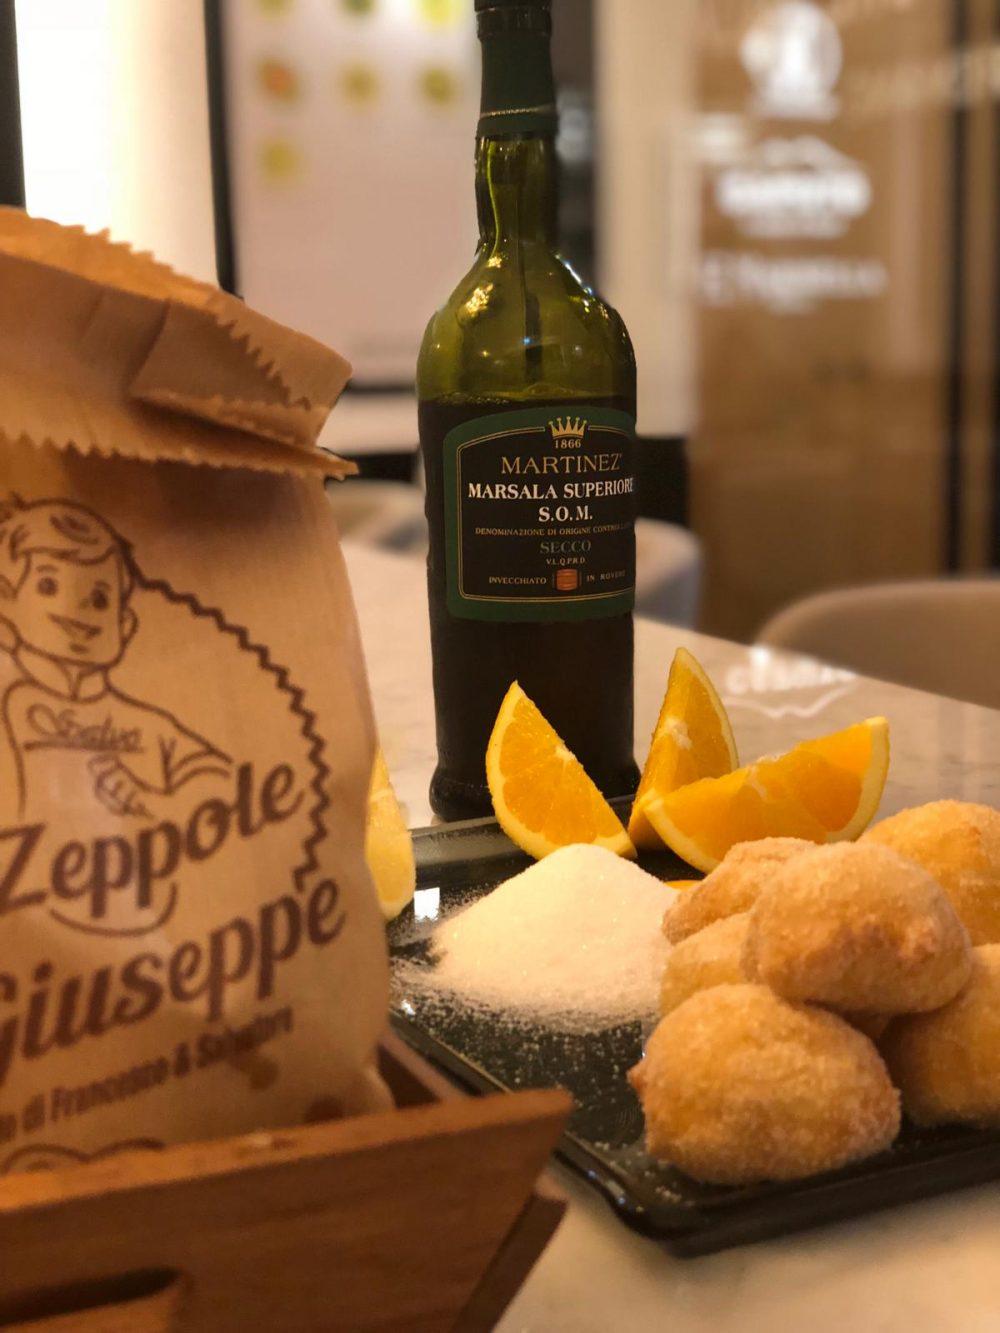 Francesco & Salvatore Salvo - Zeppoline di Giuseppe